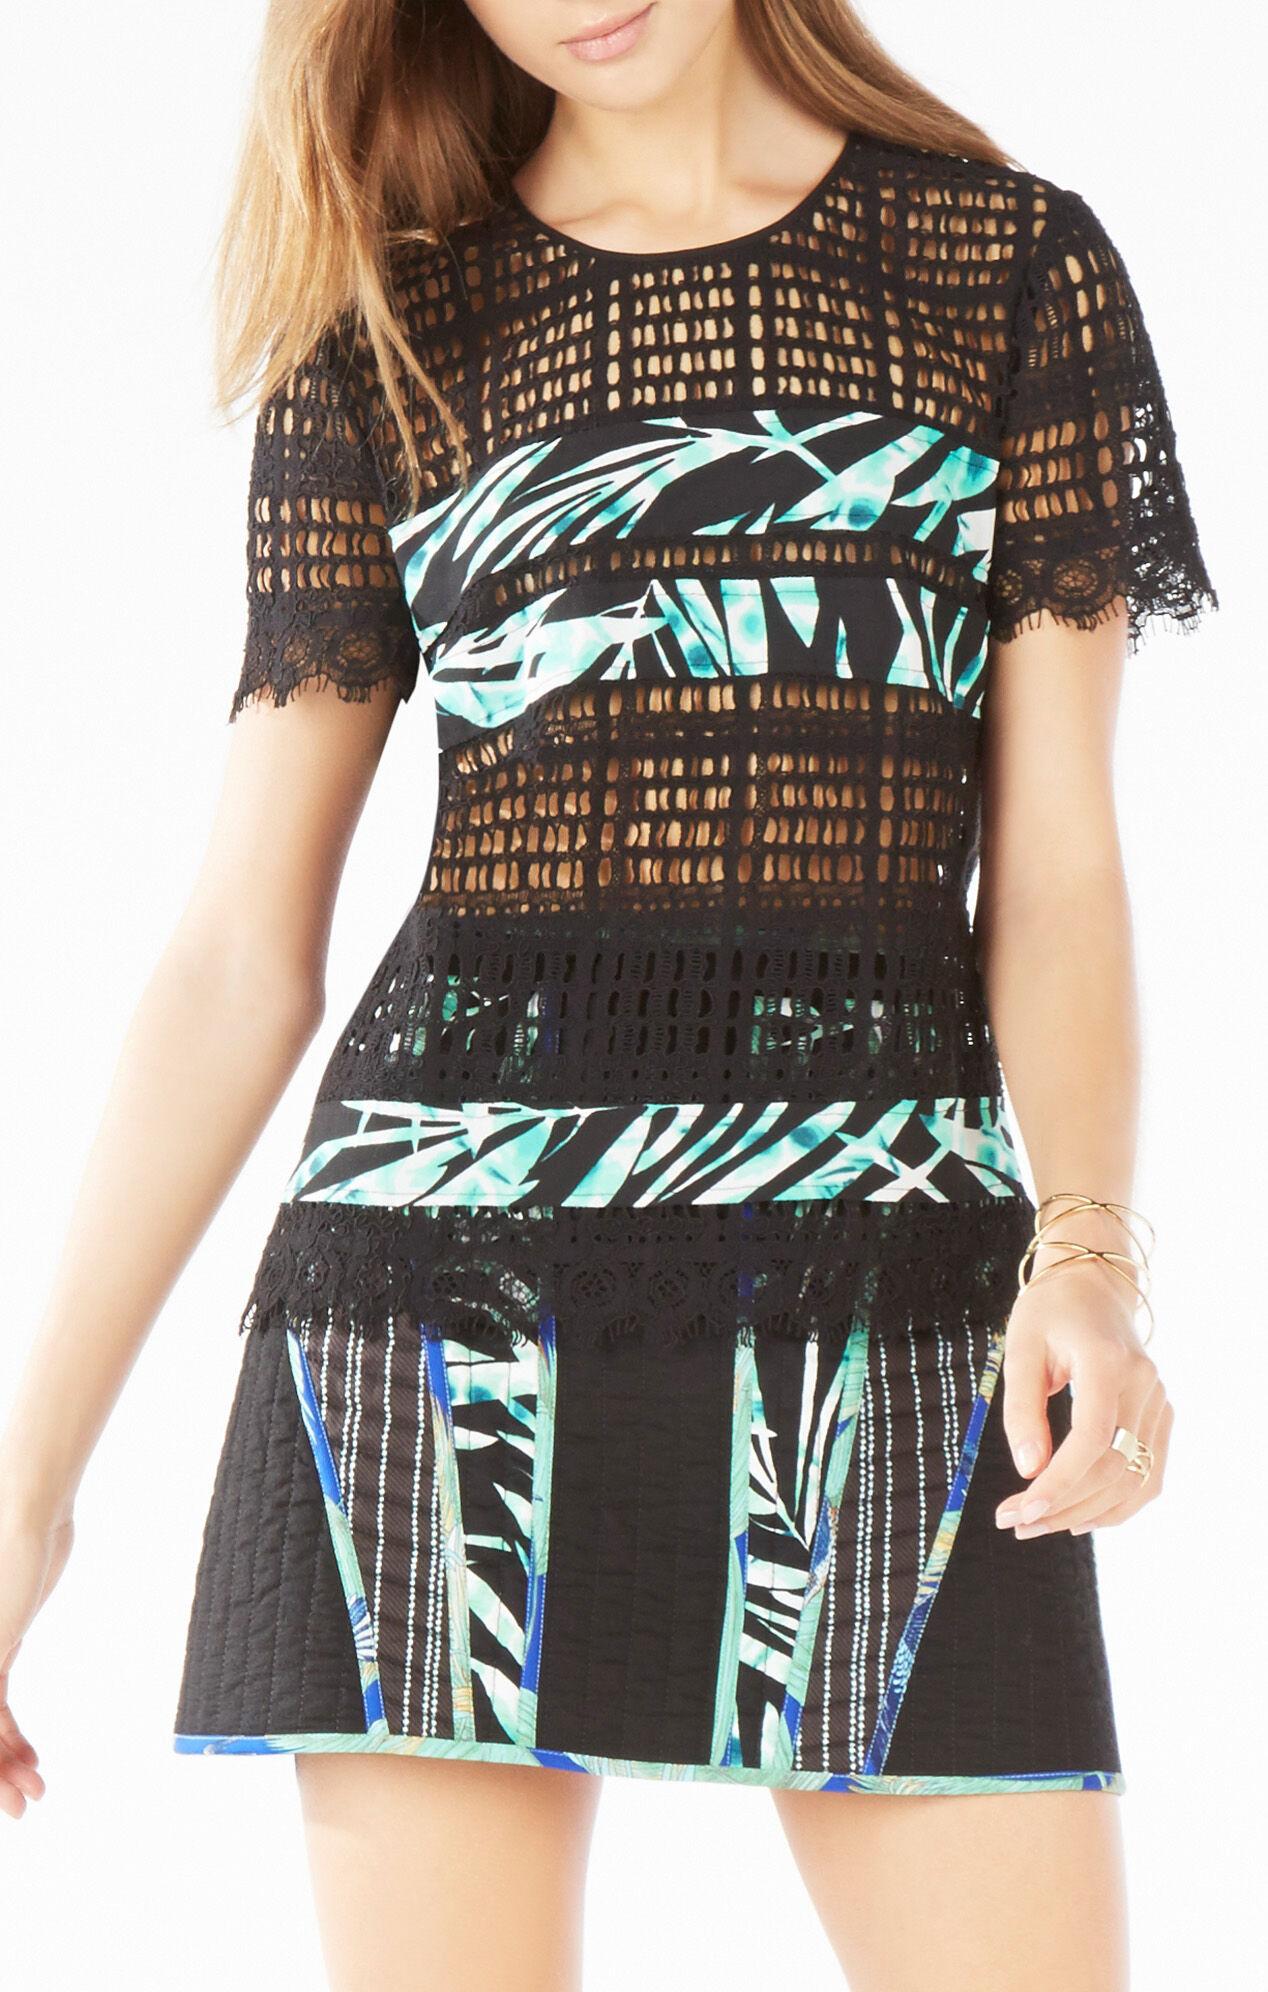 Adalynne Palms Print-Blocked Lace Top